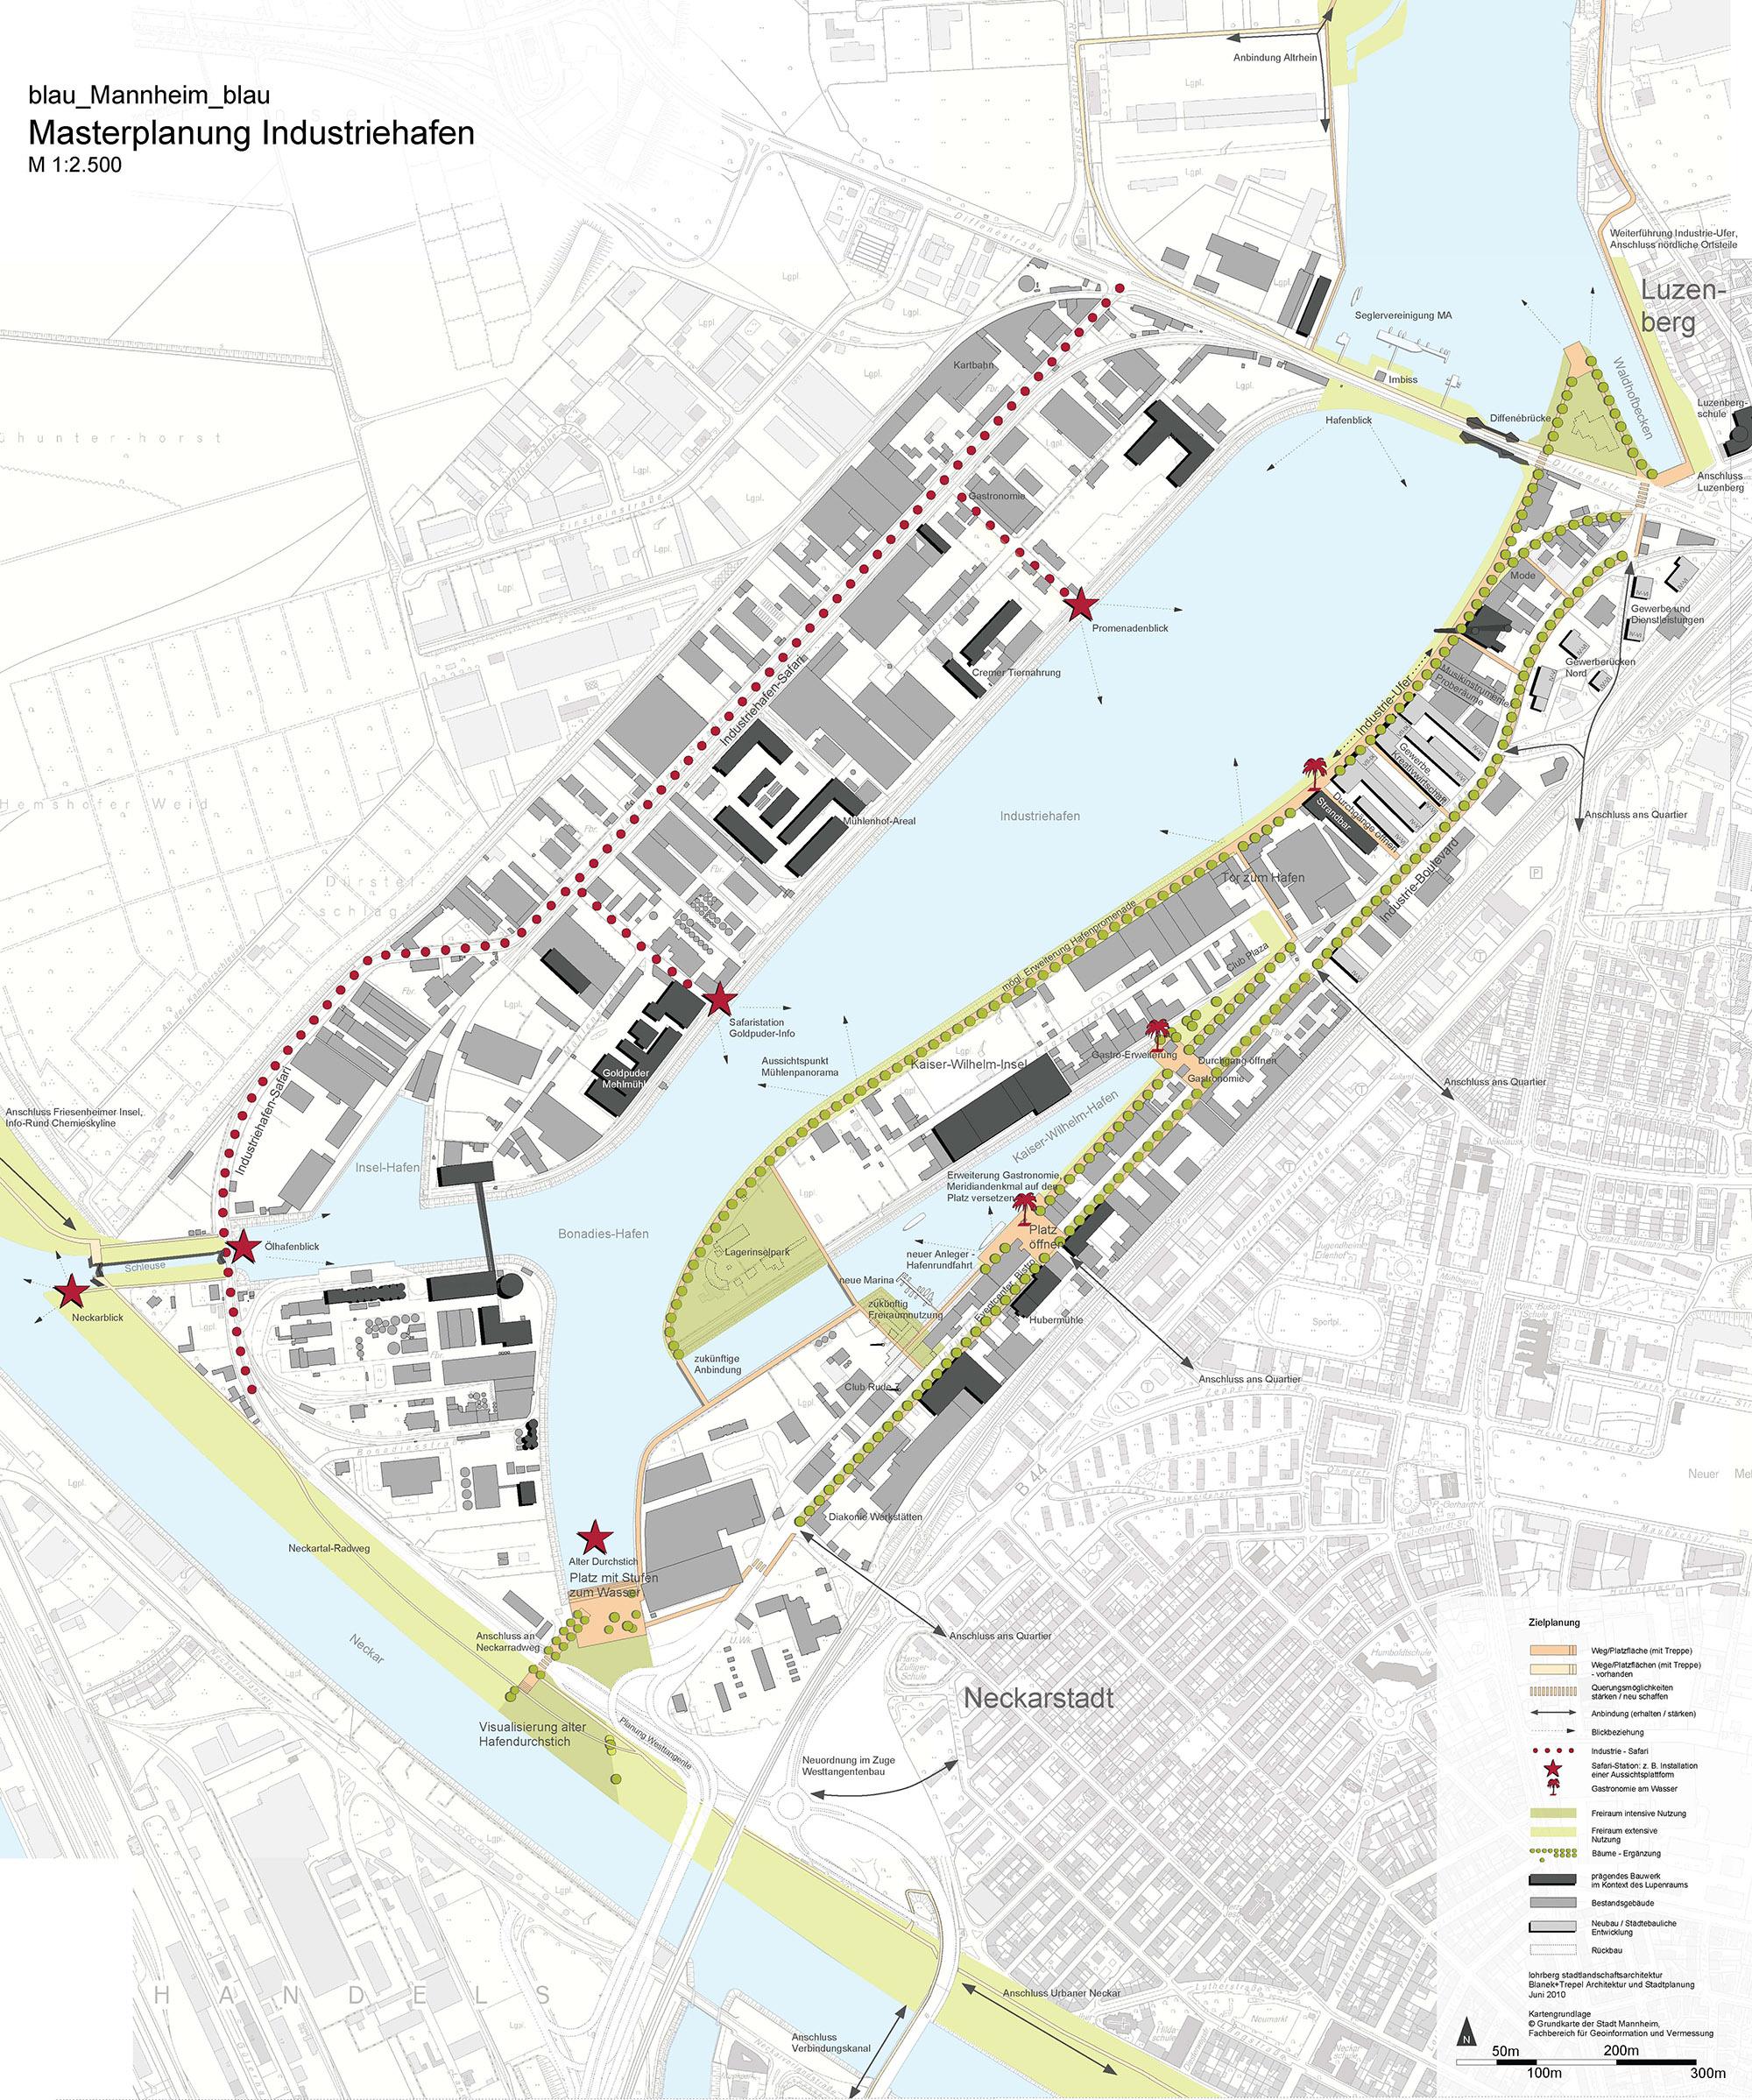 Industriehafen-Entwurf Mannheim